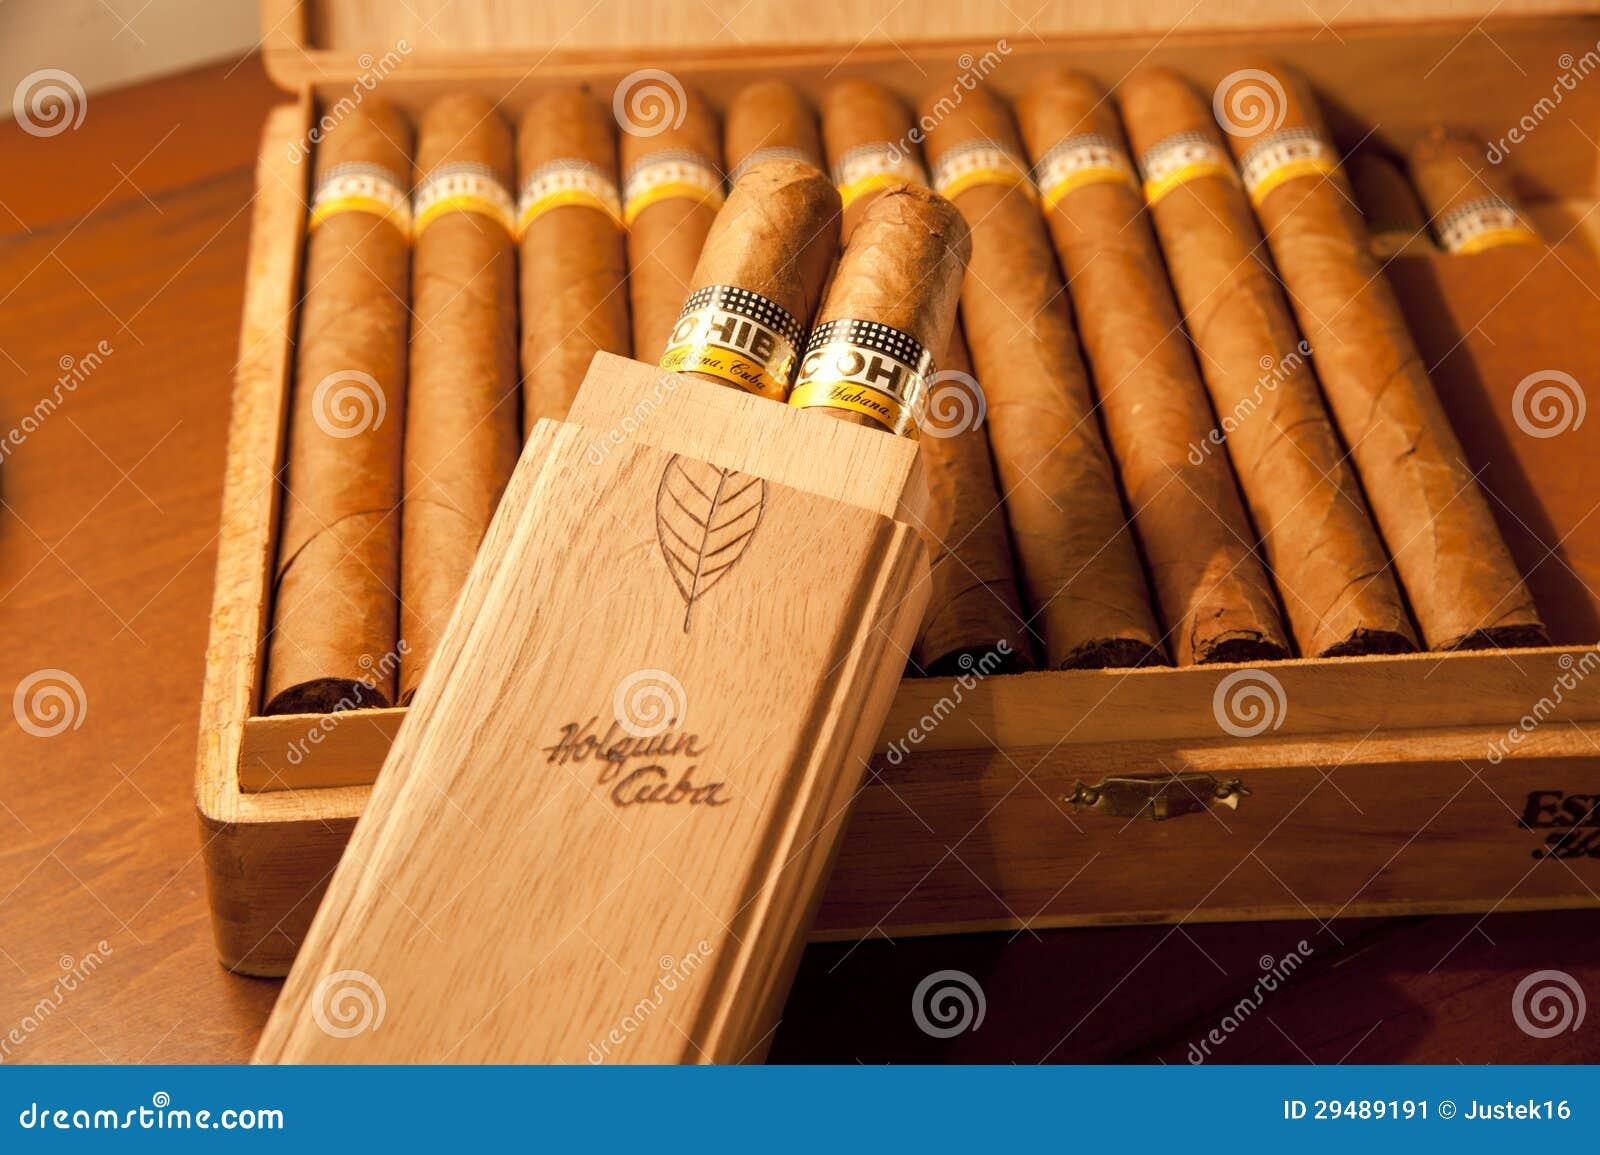 de-sigaren-van-esplendidos-van-cohiba-de-houten-doos-29489191.jpg